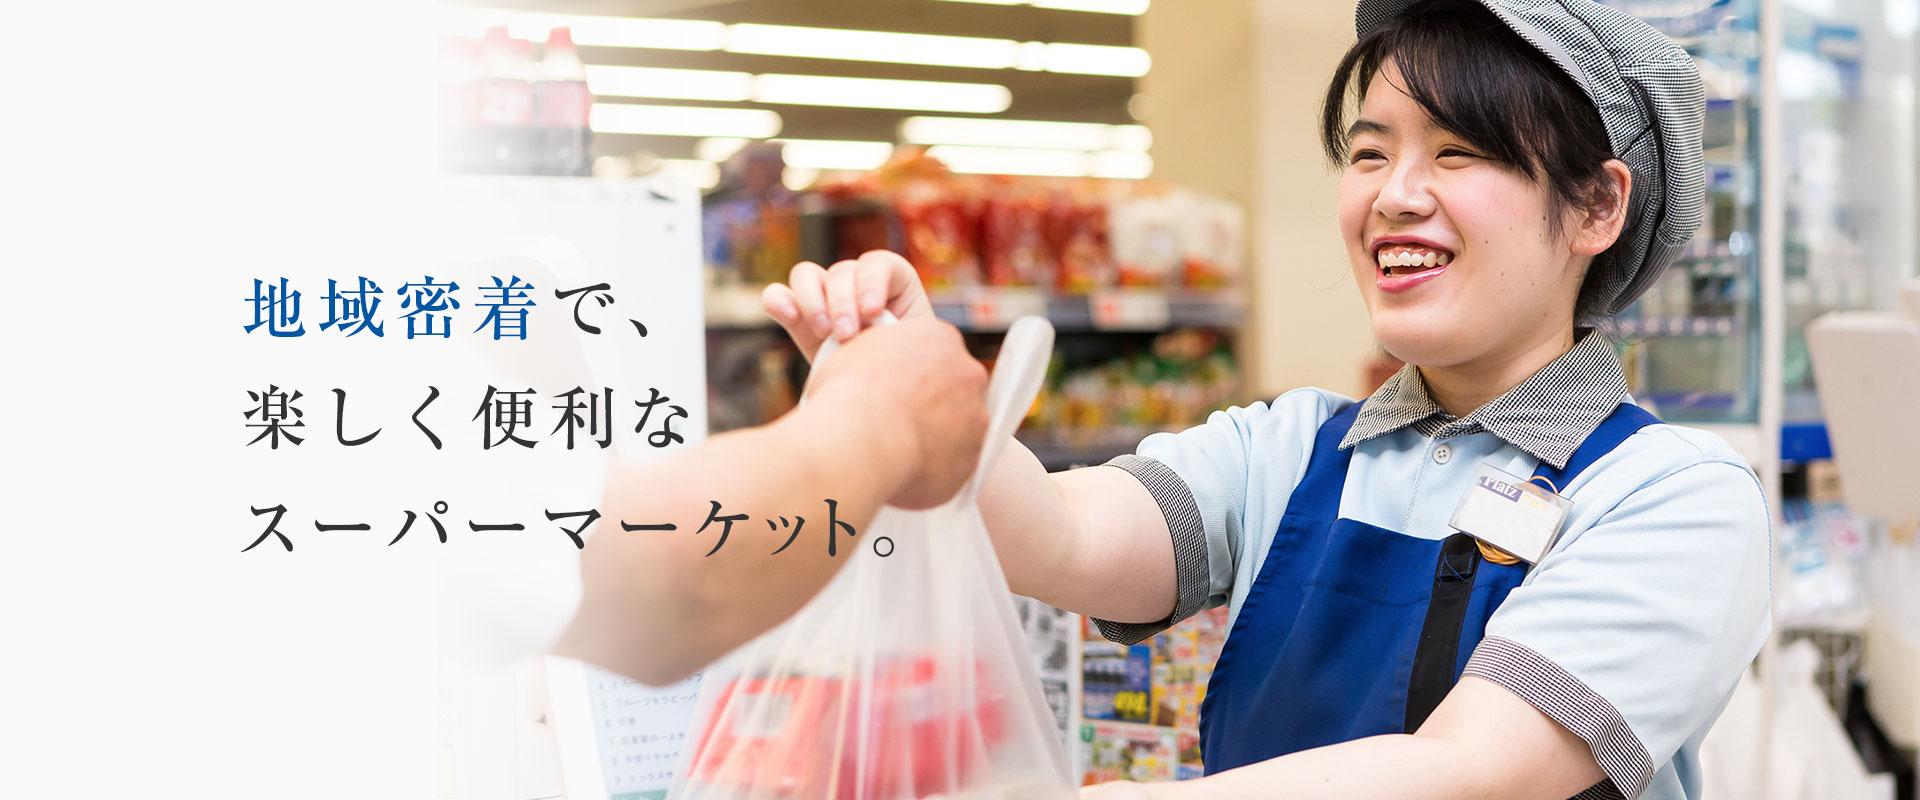 地域密着で、美しく便利なスーパーマーケット。